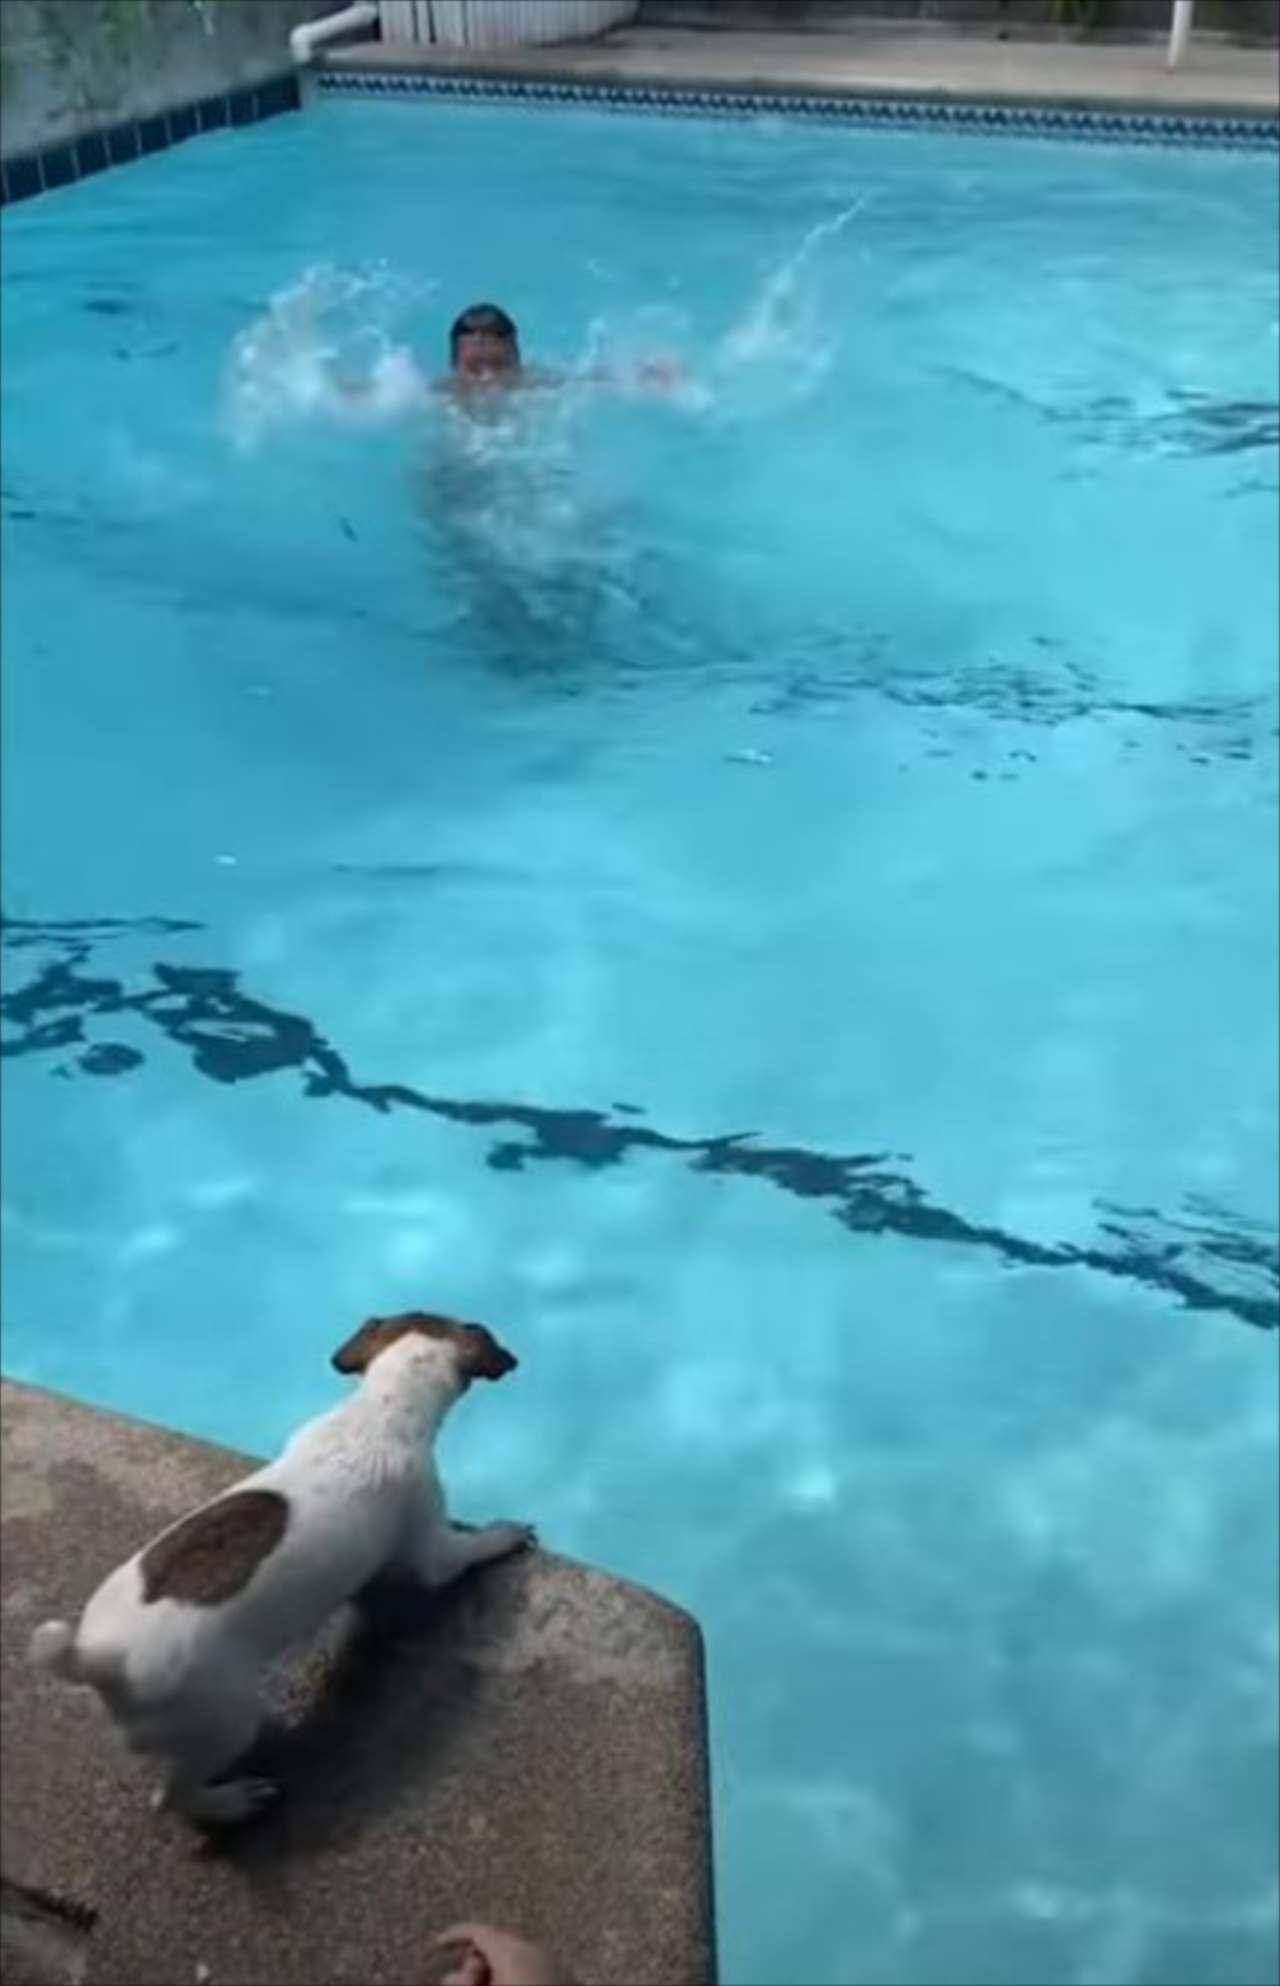 【感動】助けるんだワン!プールで溺れている飼い主さんを救助するため、ワンコがとった行動とは?!